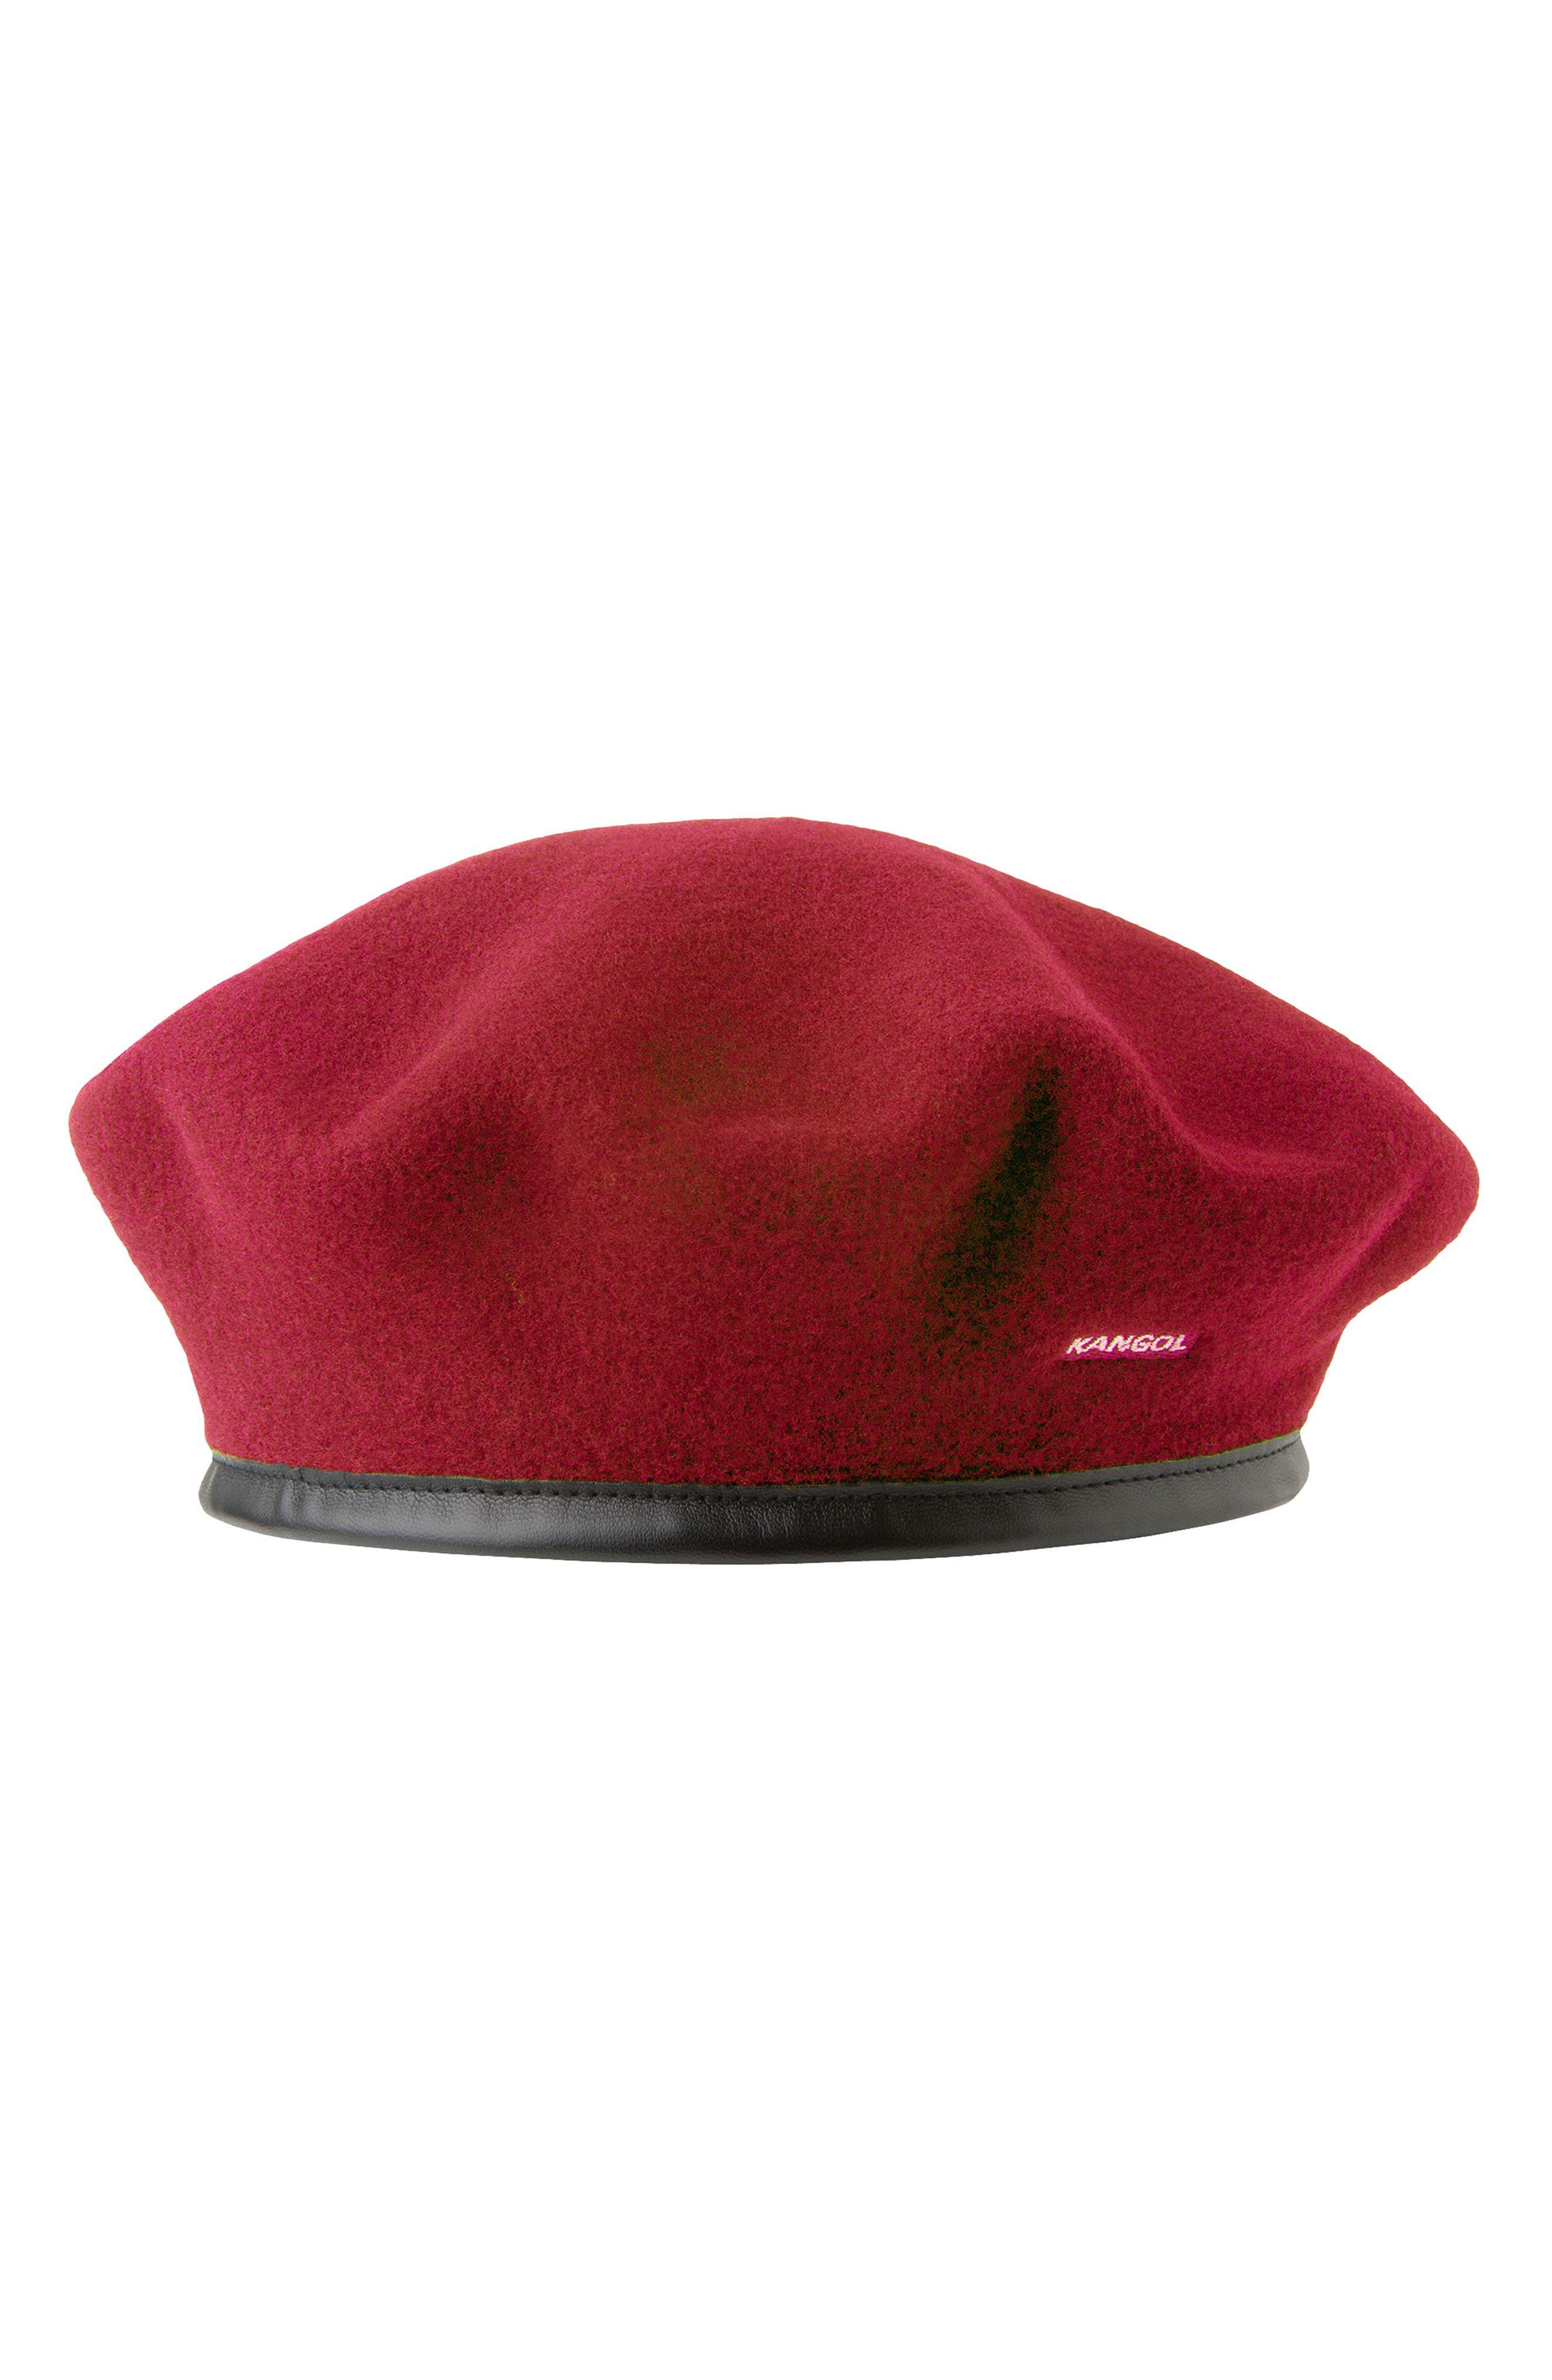 0ab8c6e09d37e Kangol - Red Monty Wool Beret - Lyst. View fullscreen